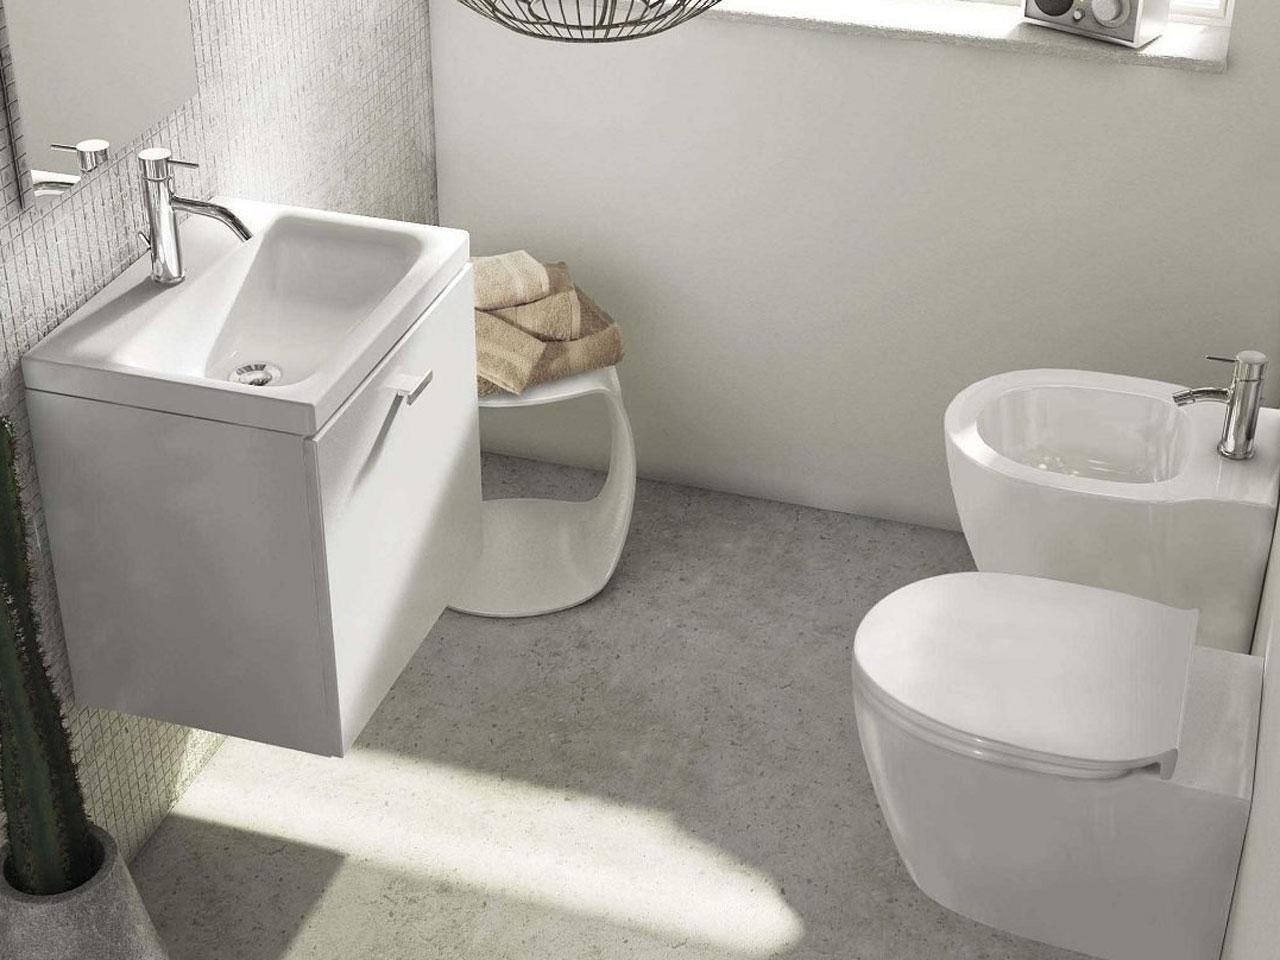 Tenda Per Vasca Da Bagno Piccola : Bagno piccolo? ecco 5 idee per arredarlo con stile e funzionalità